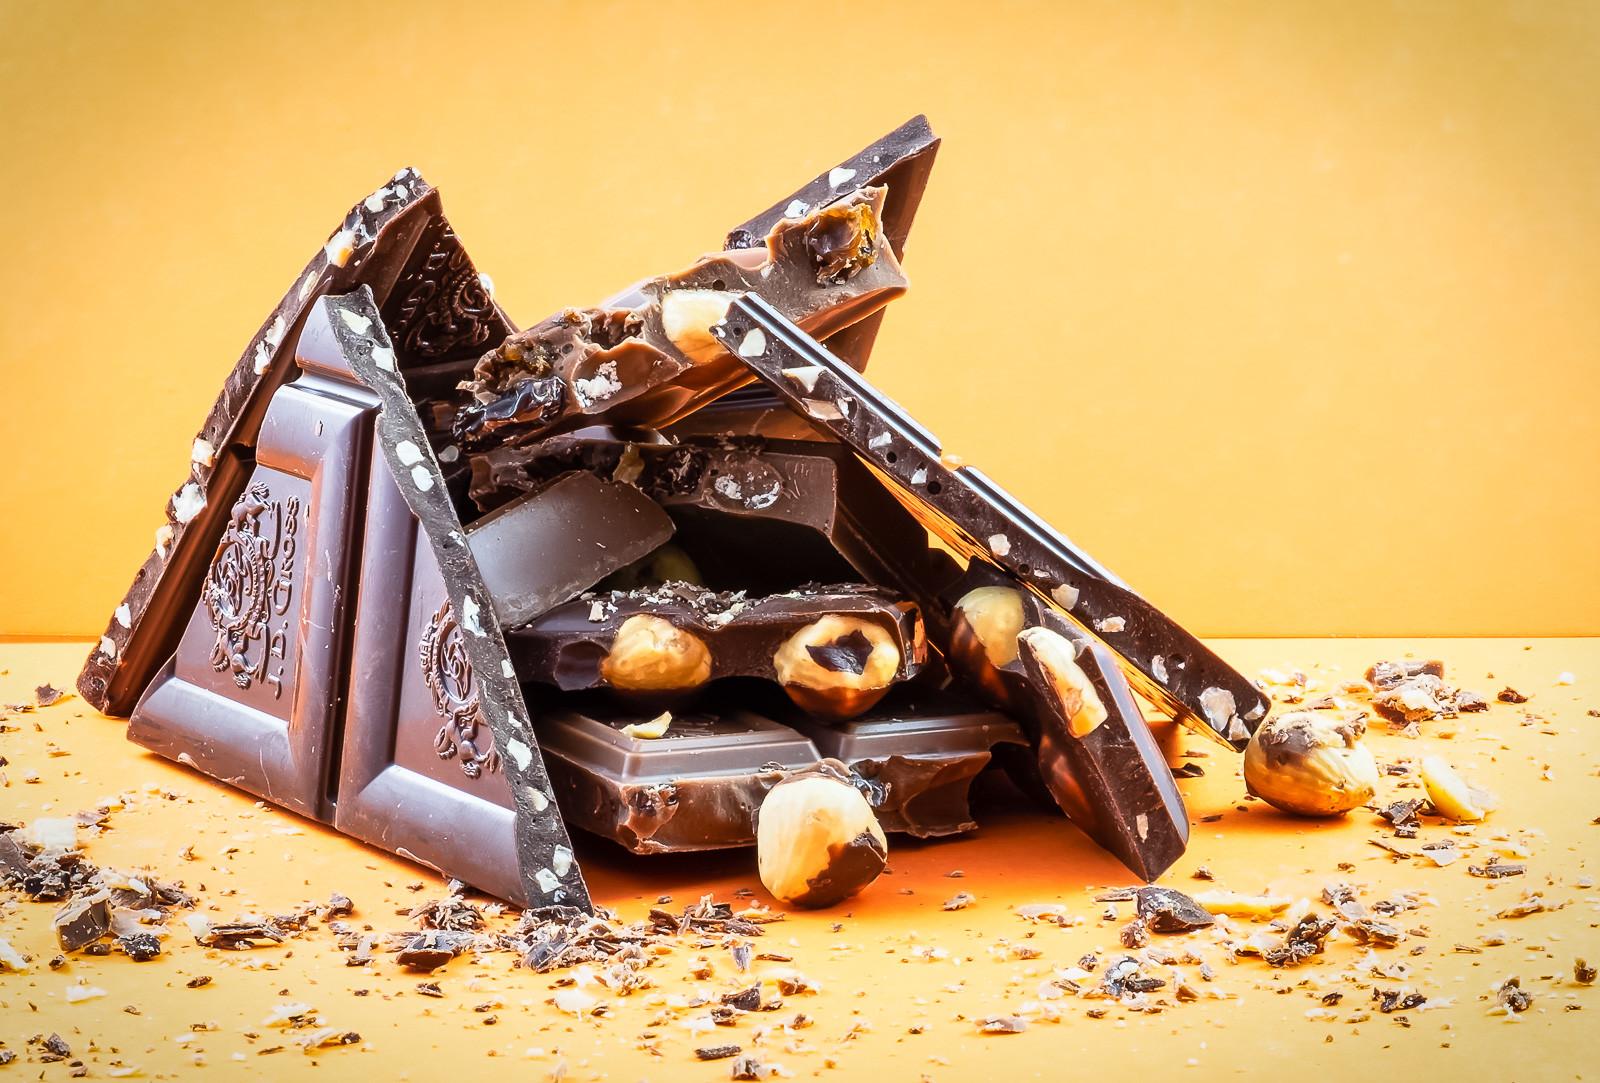 PDI - Chocolat - Joanne Harris by Pauline McAleese (13 marks)